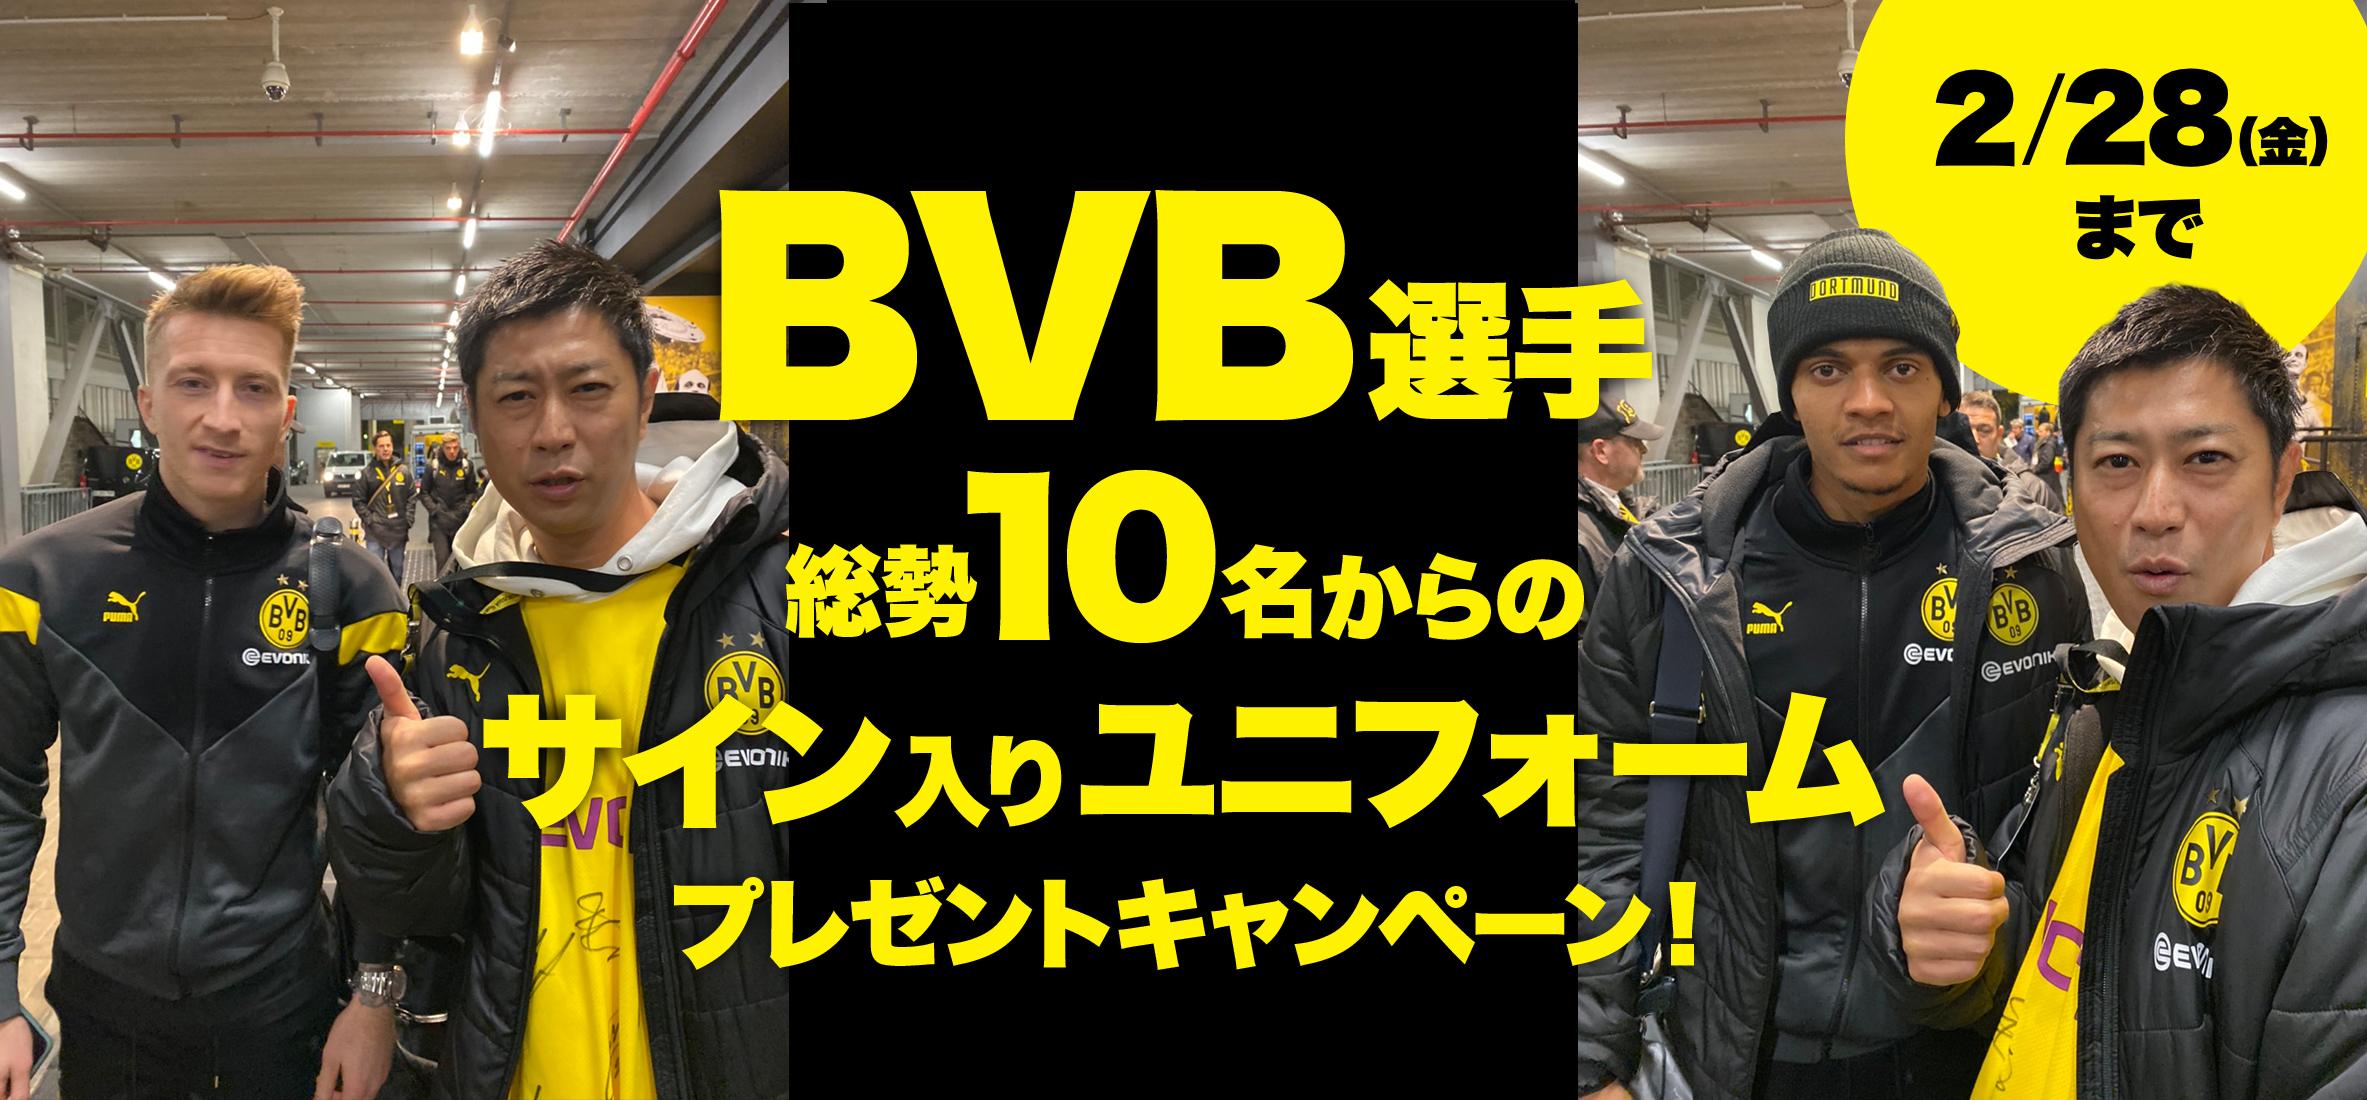 「BVB選手総勢10名からのサイン入りユニフォーム」プレゼントキャンペーン!